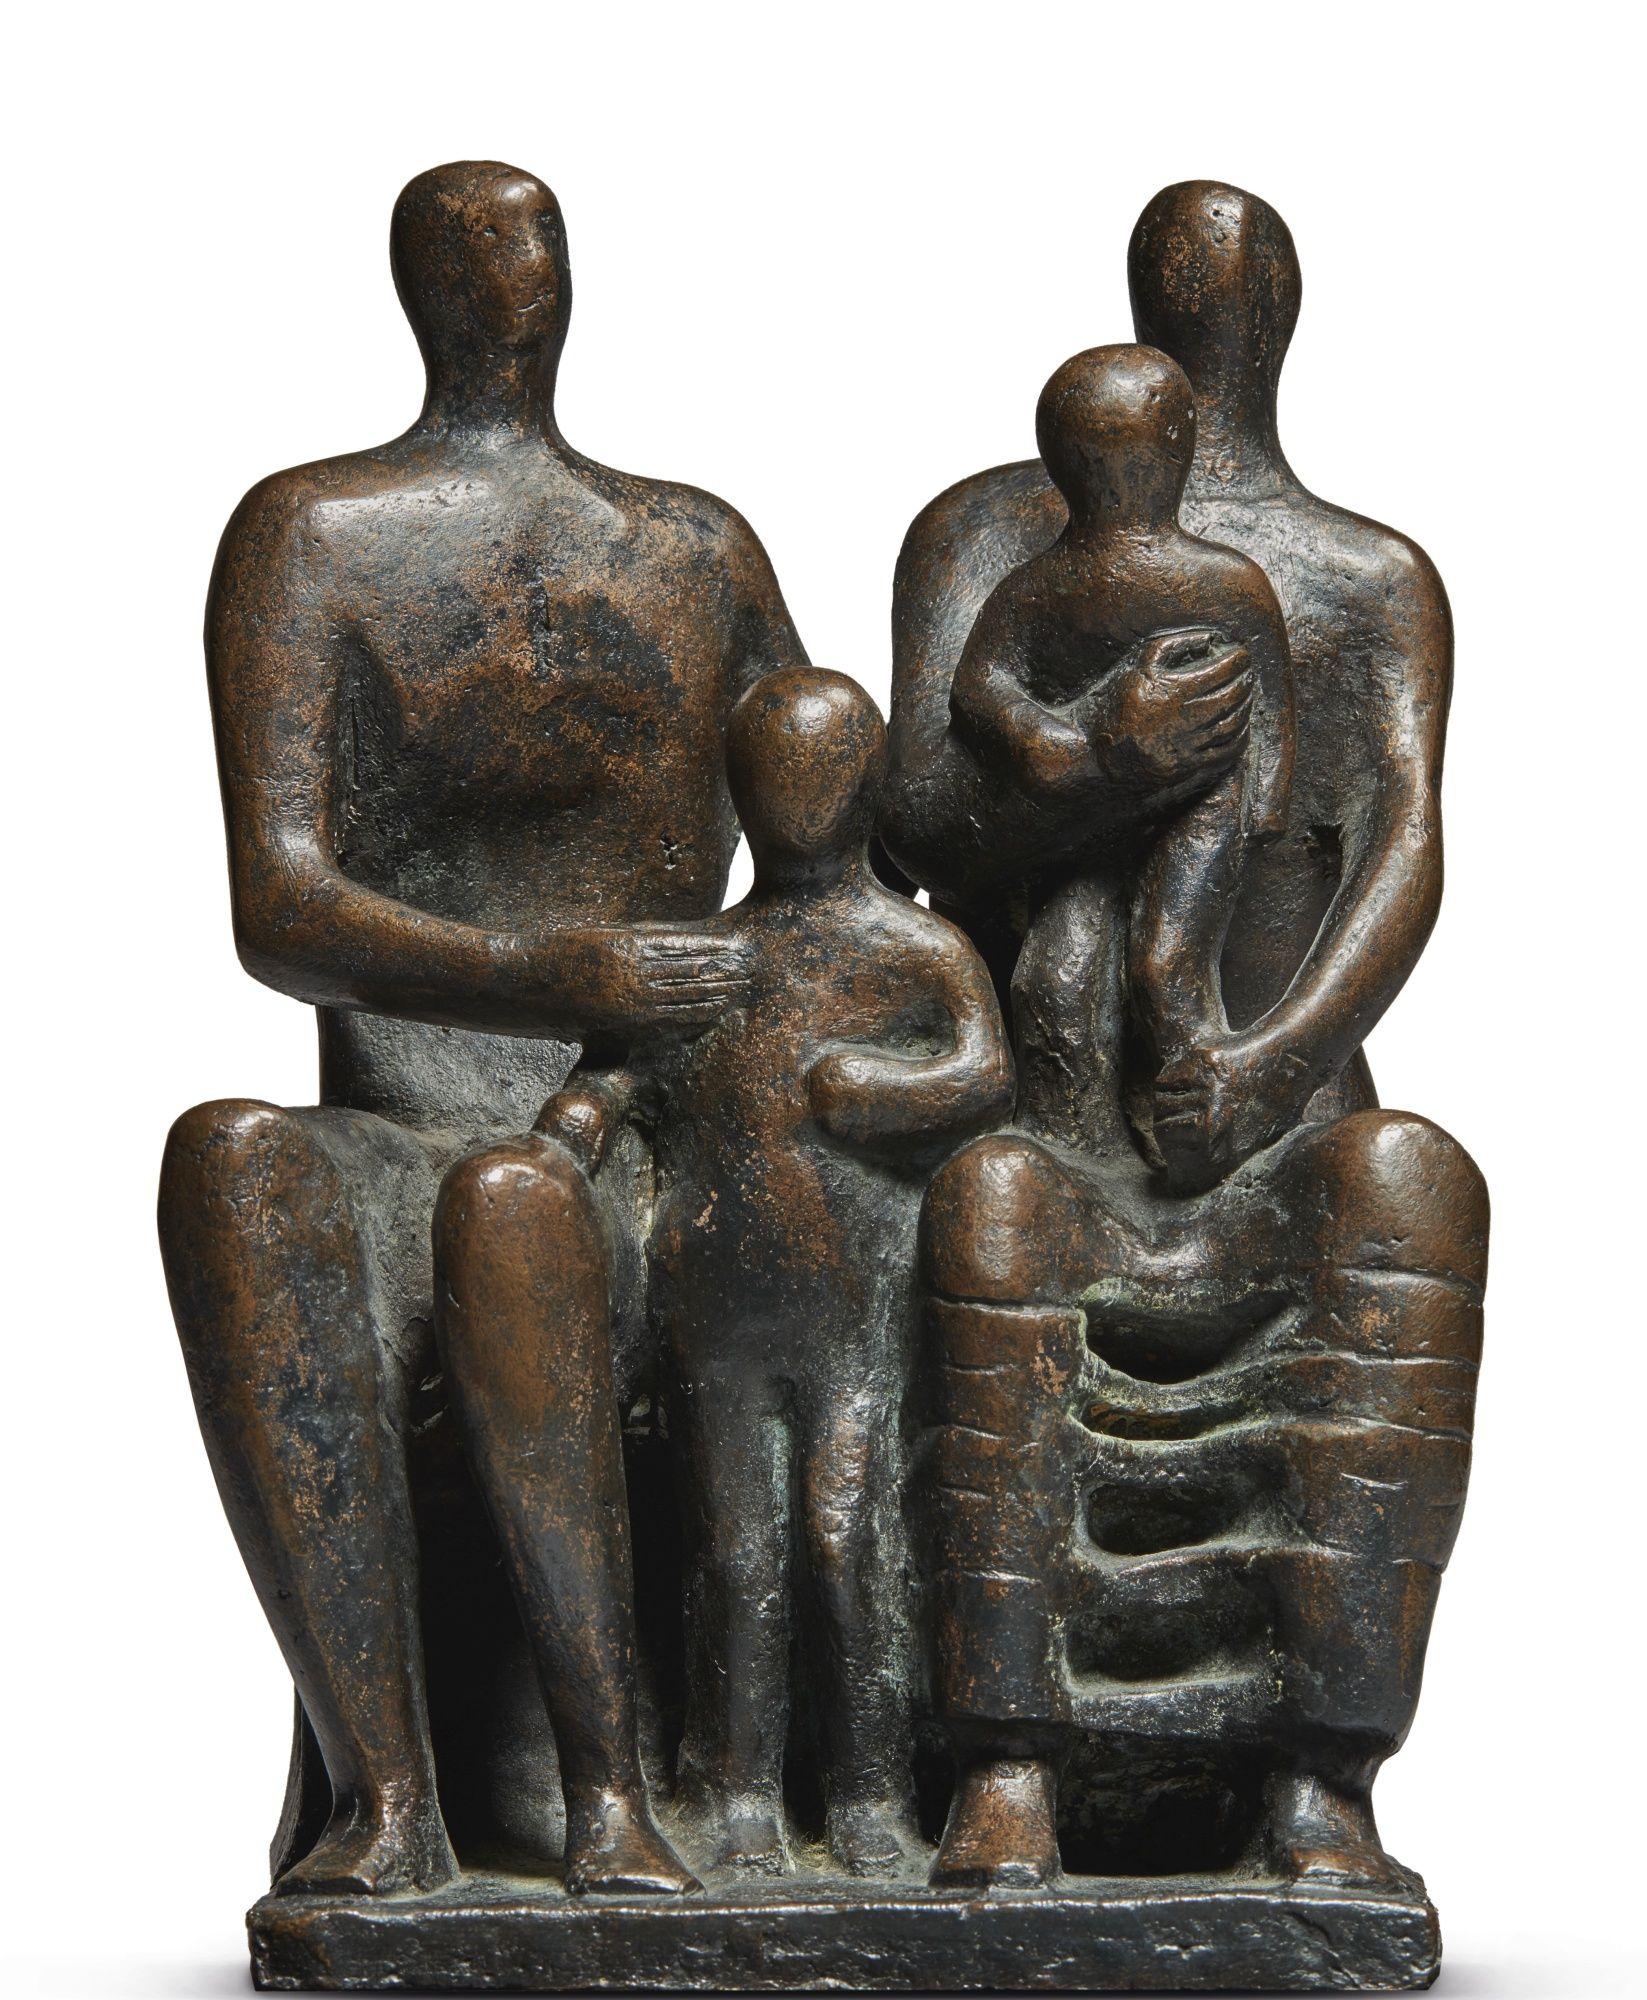 Henry Moore FAMILY GROUP | Modern sculpture, Art day, Art